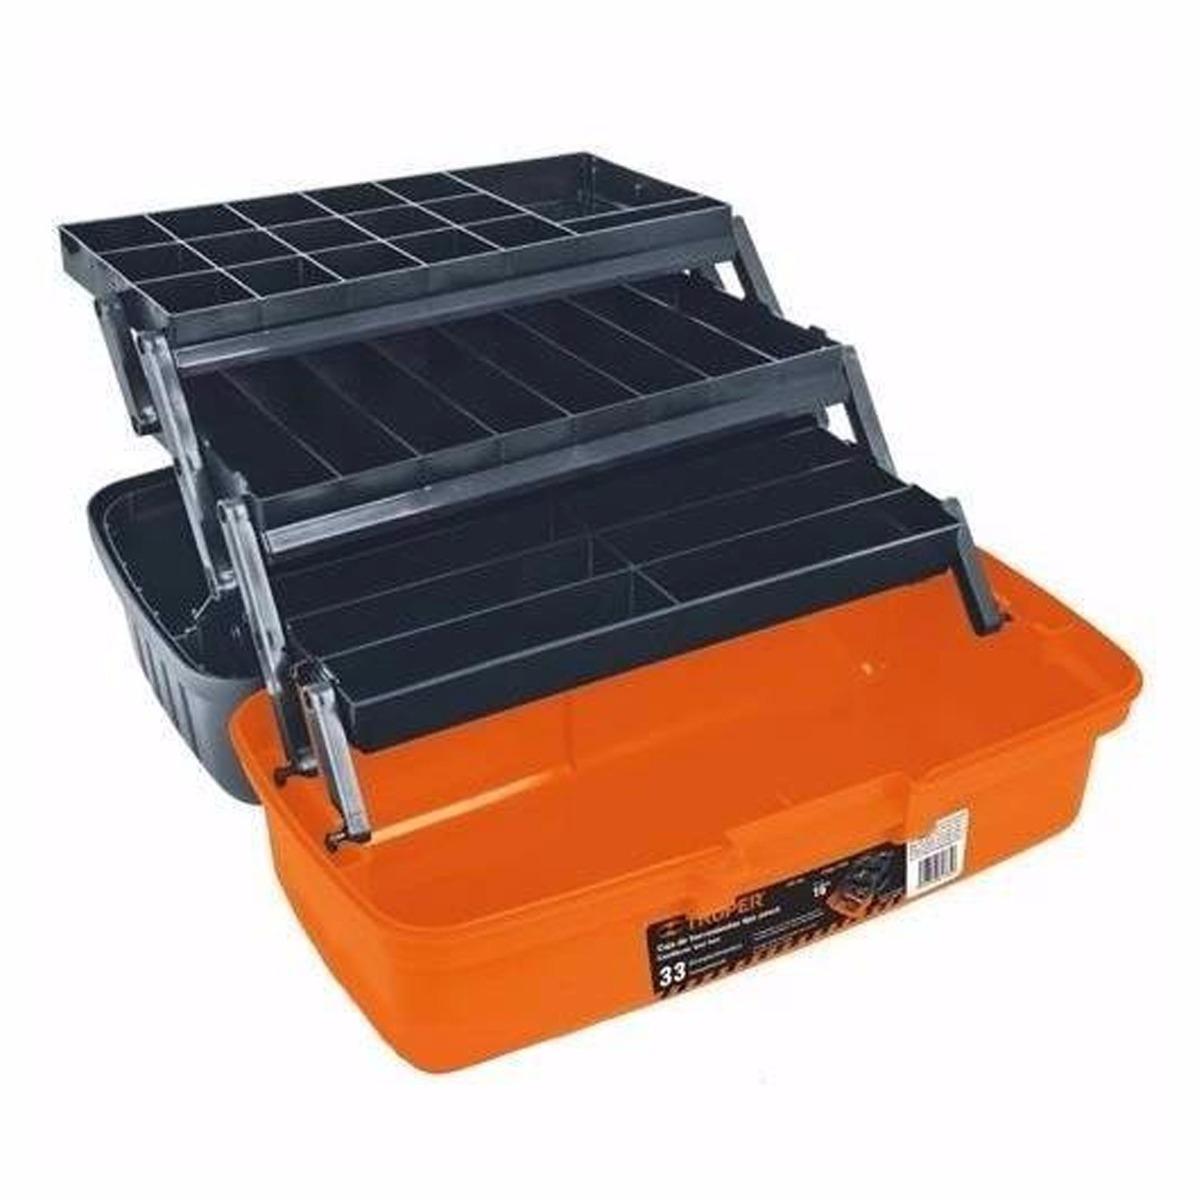 Caja de herramientas para pesca camping naranja y gris - Caja de herramientas precio ...